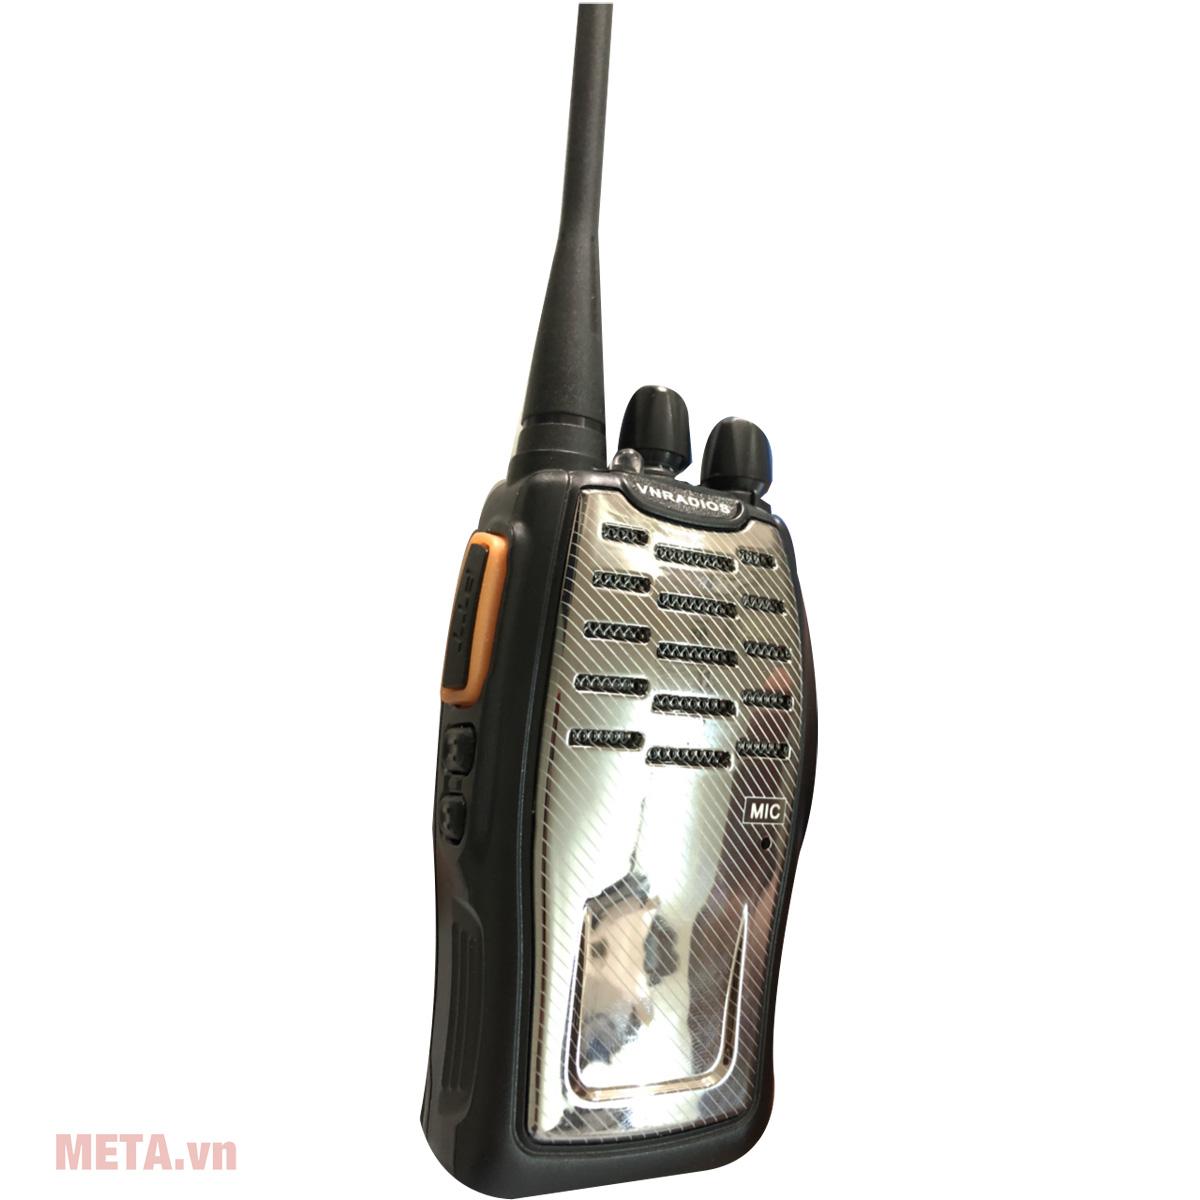 Vnradios VN3000